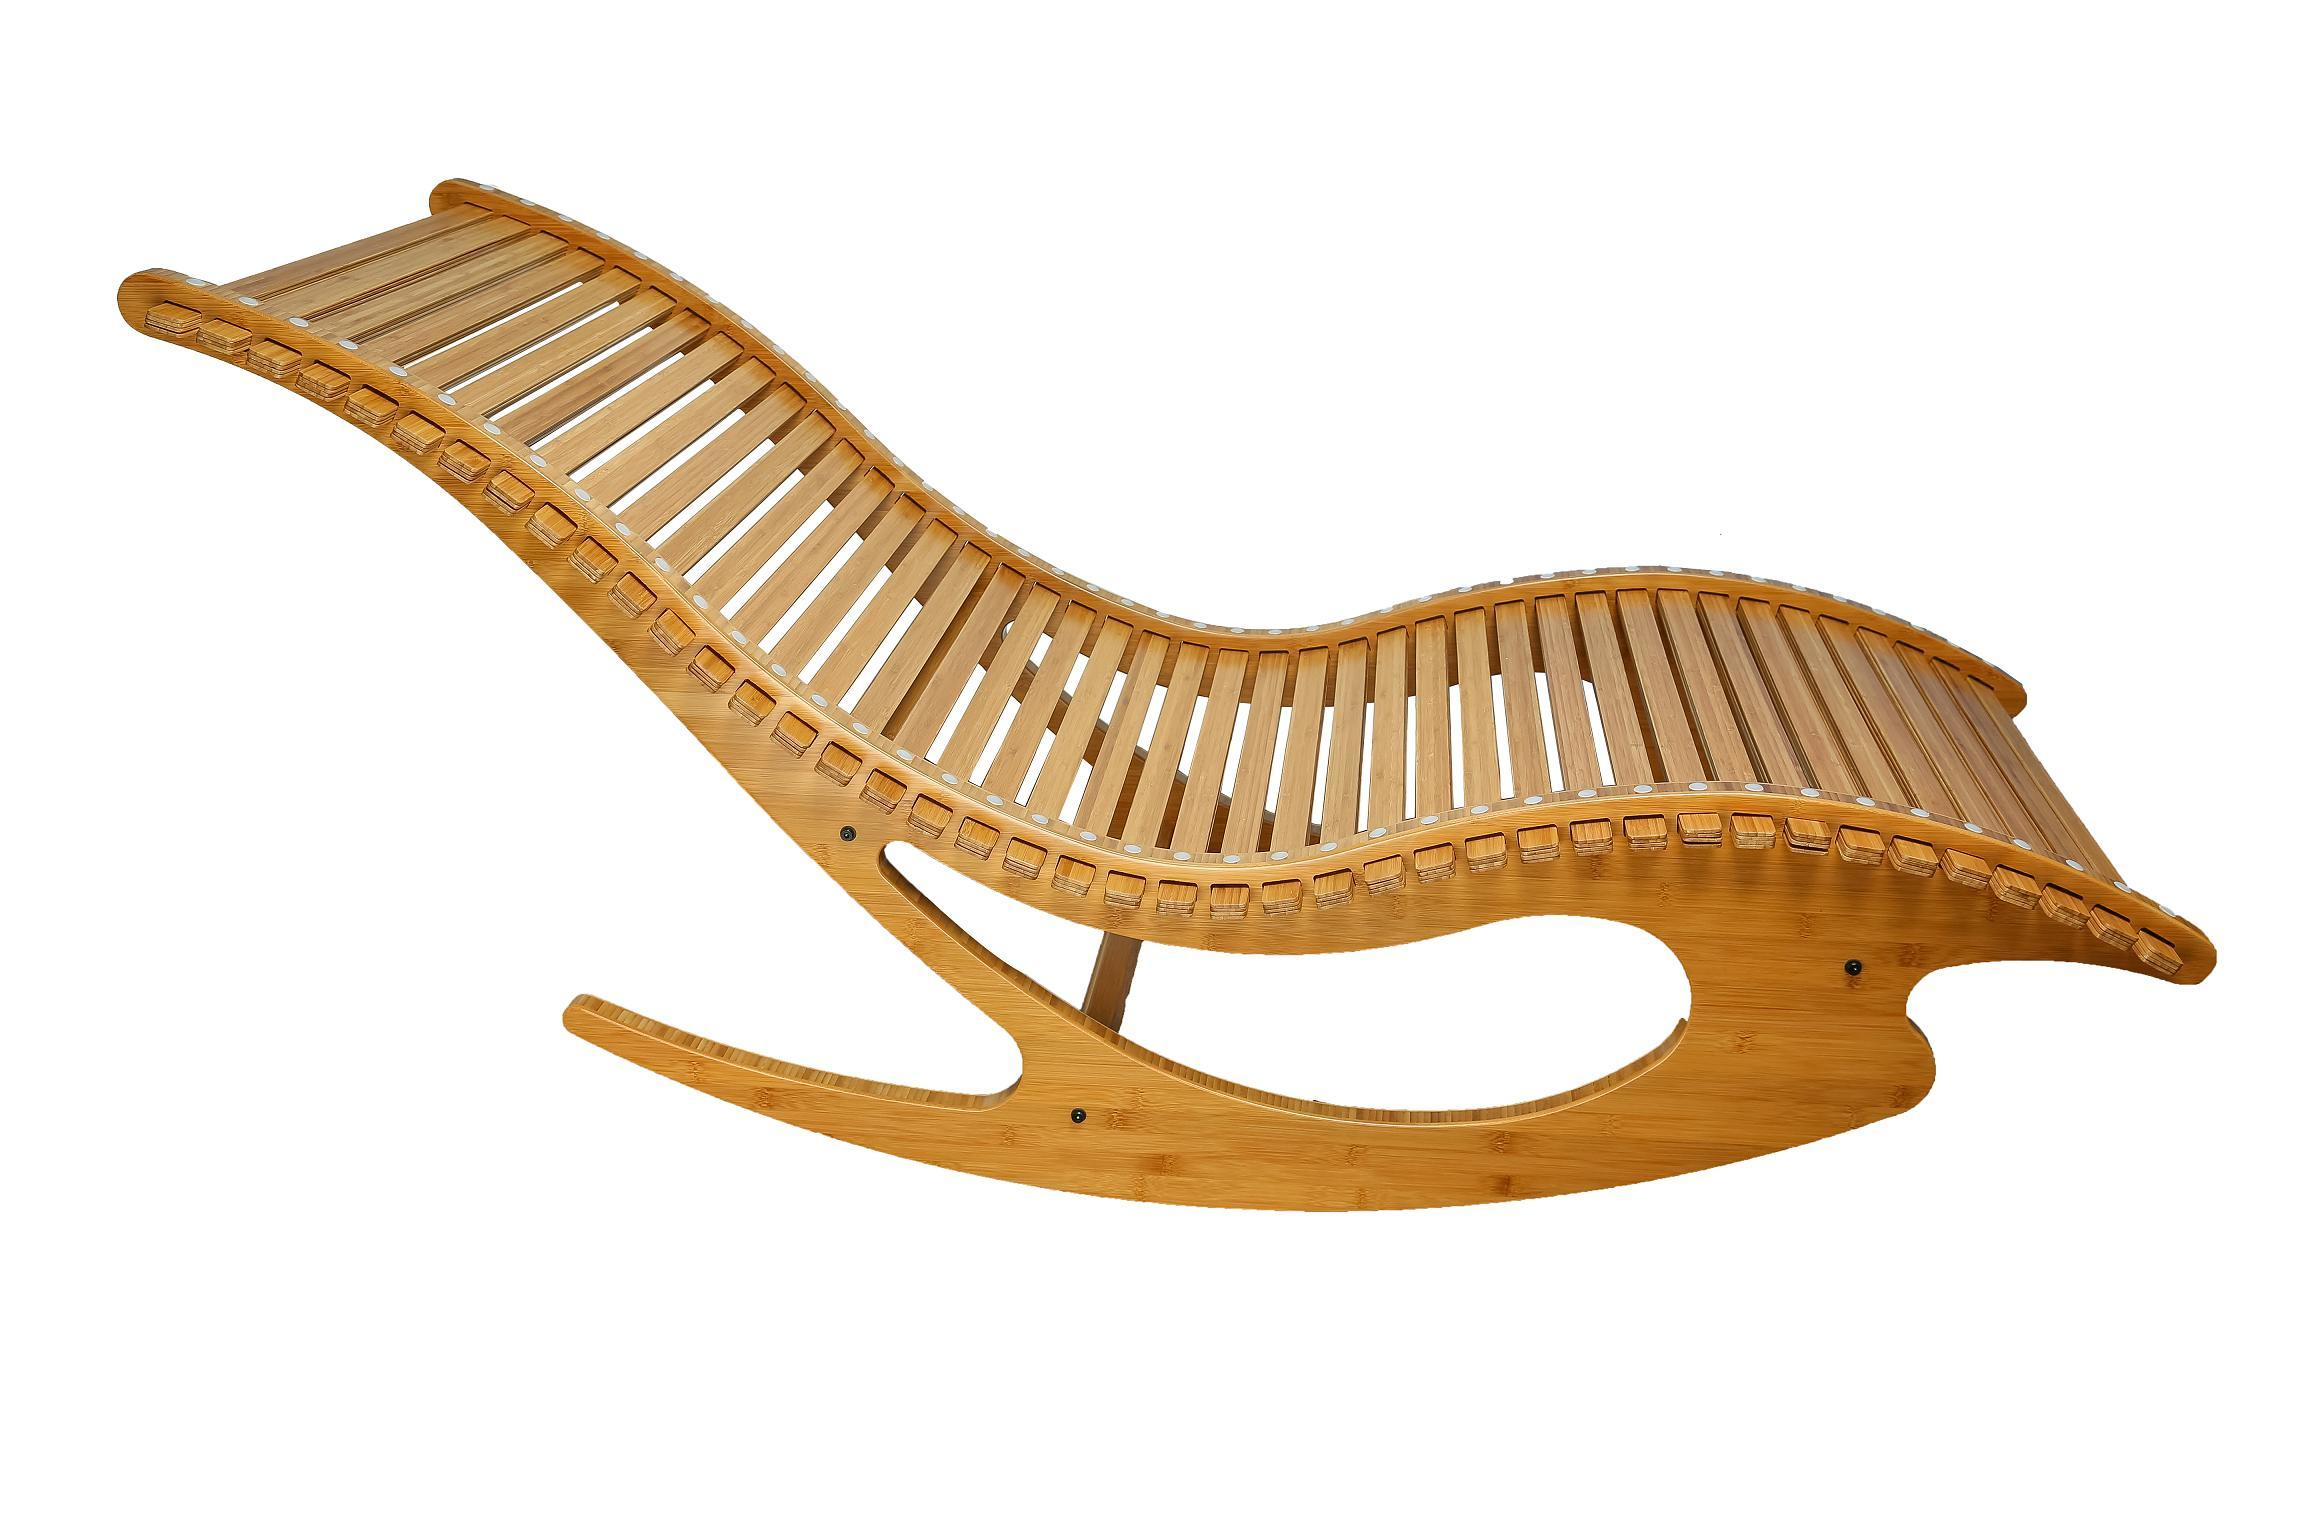 대나무 탄력 있는 흔들 의자에사진 kr.Made-in-China.com